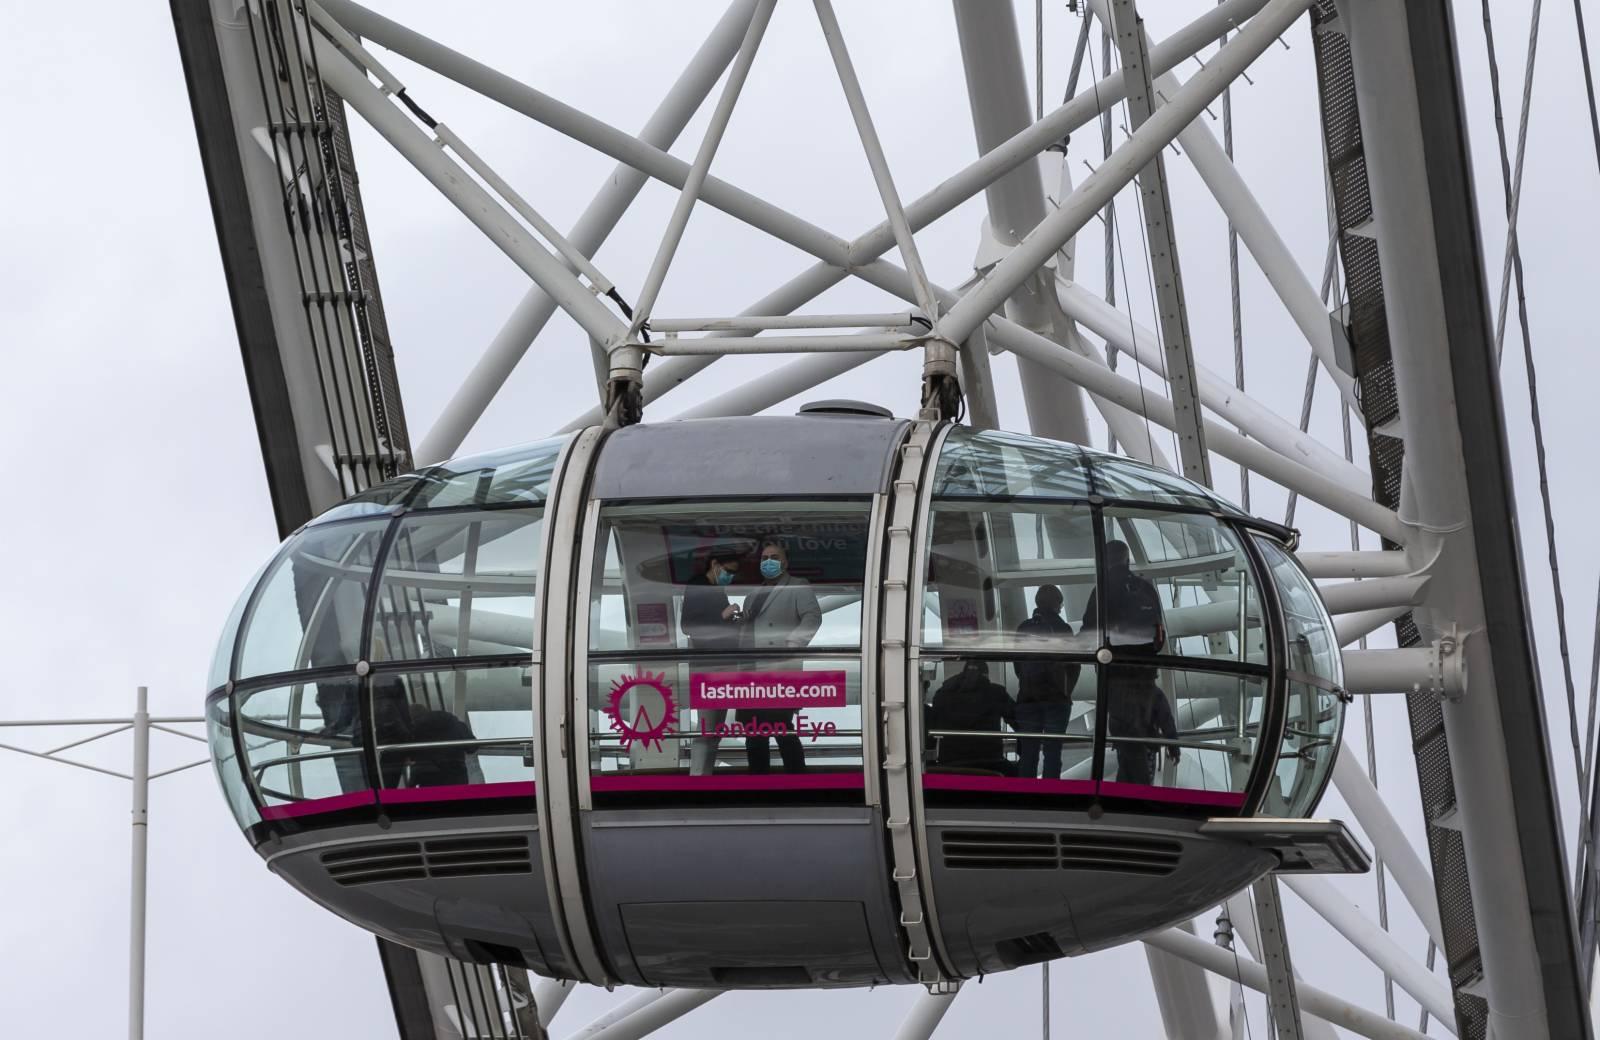 10月28日,戴口罩的遊客在英國倫敦乘坐摩天輪「倫敦眼」。(新華社)